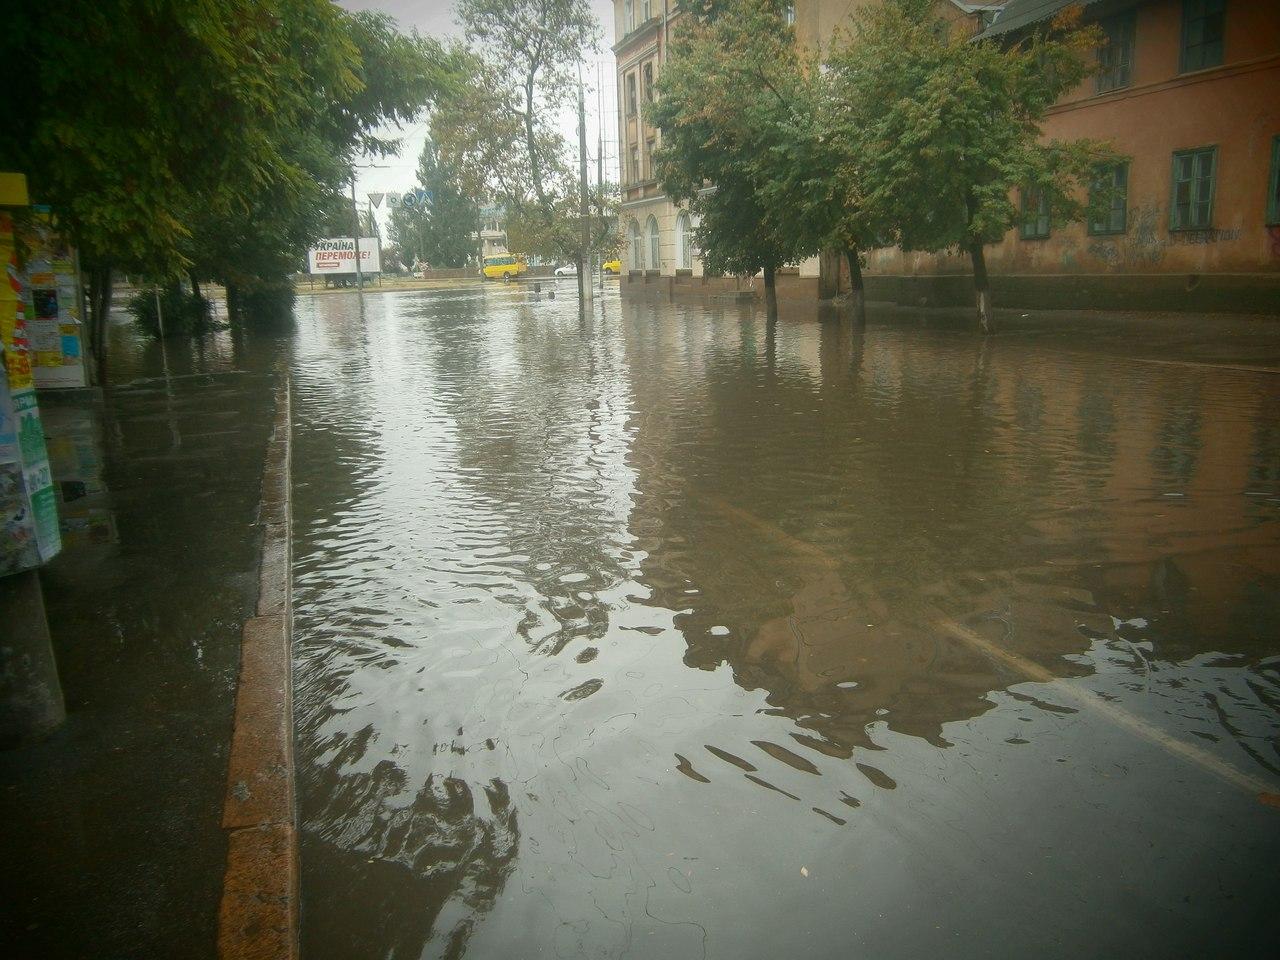 Сильный ливень затопил улицы в Херсоне. (Фото)